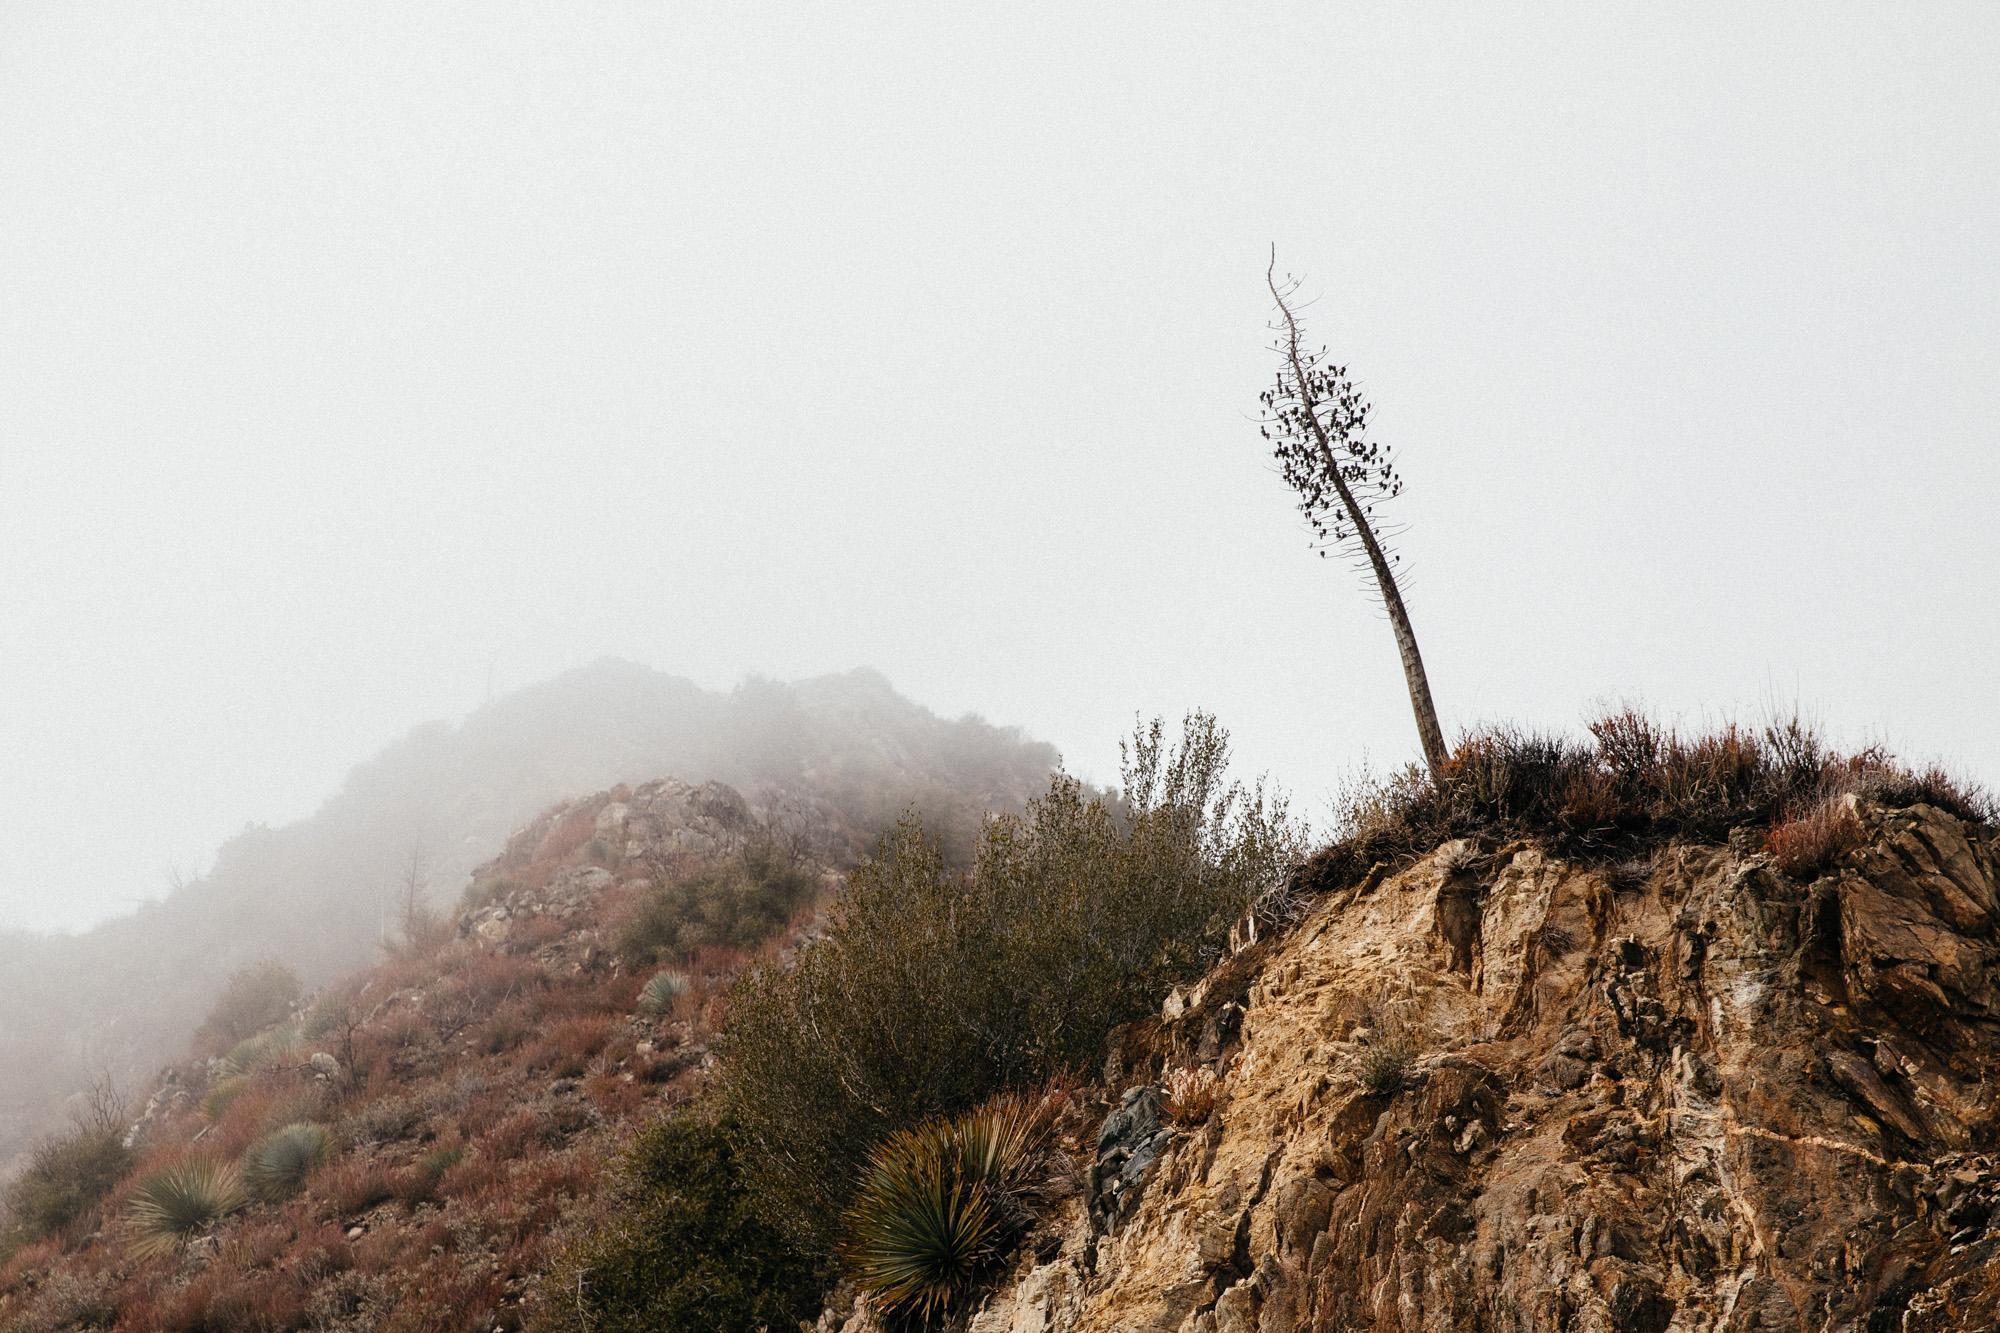 Spanish Bayonet bloom